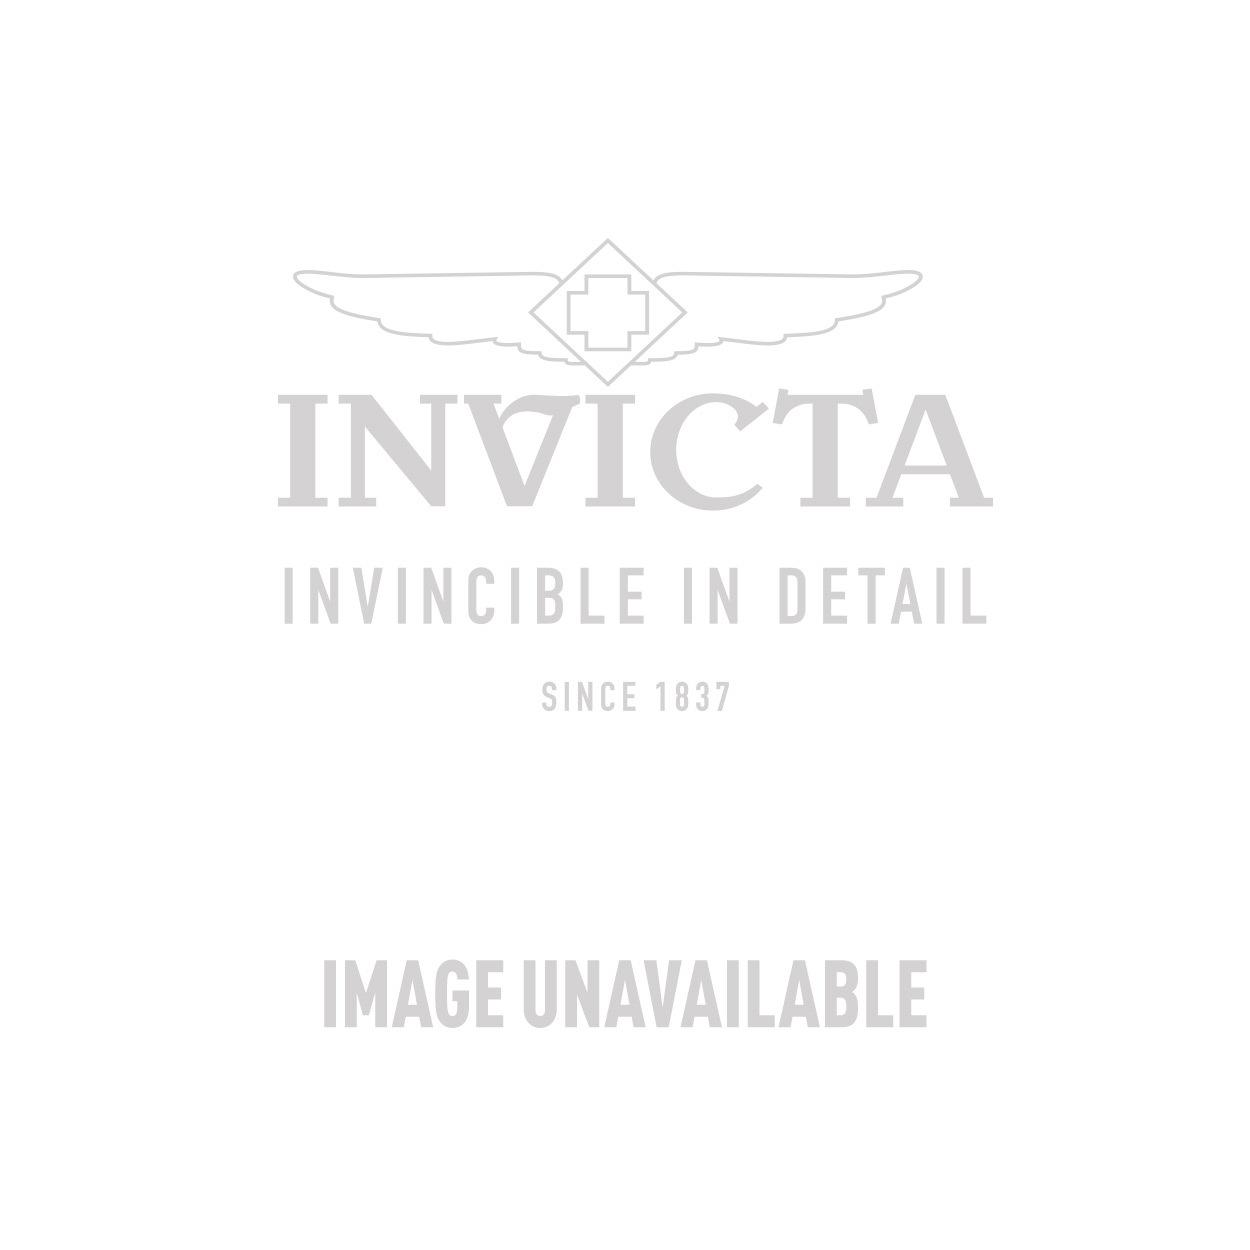 Invicta Model 29311